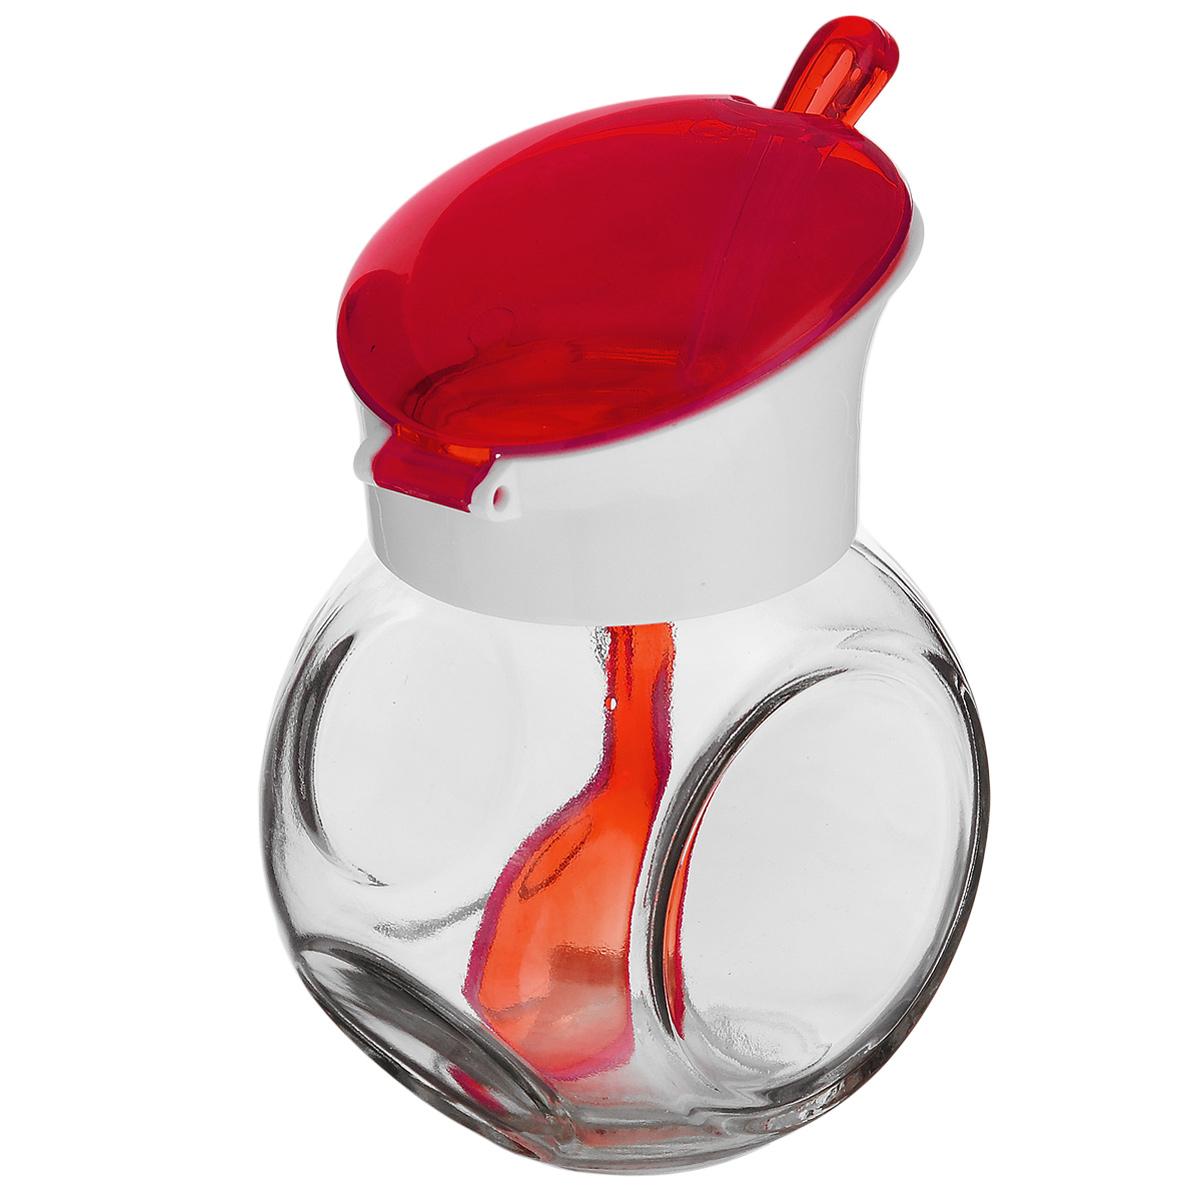 Емкость для соуса Herevin, с ложкой, цвет: красный, белый, 225 млVT-1520(SR)Емкость для соуса Herevin изготовлена из прочного стекла. Банка оснащена пластиковой откидной крышкой и ложкой. Изделие предназначено для хранения различных соусов. Функциональная и вместительная, такая банка станет незаменимым аксессуаром на любой кухне. Можно мыть в посудомоечной машине. Пластиковые части рекомендуется мыть вручную.Диаметр (по верхнему краю): 4,5 см.Высота банки (без учета крышки): 8 см.Длина ложки: 13 см.